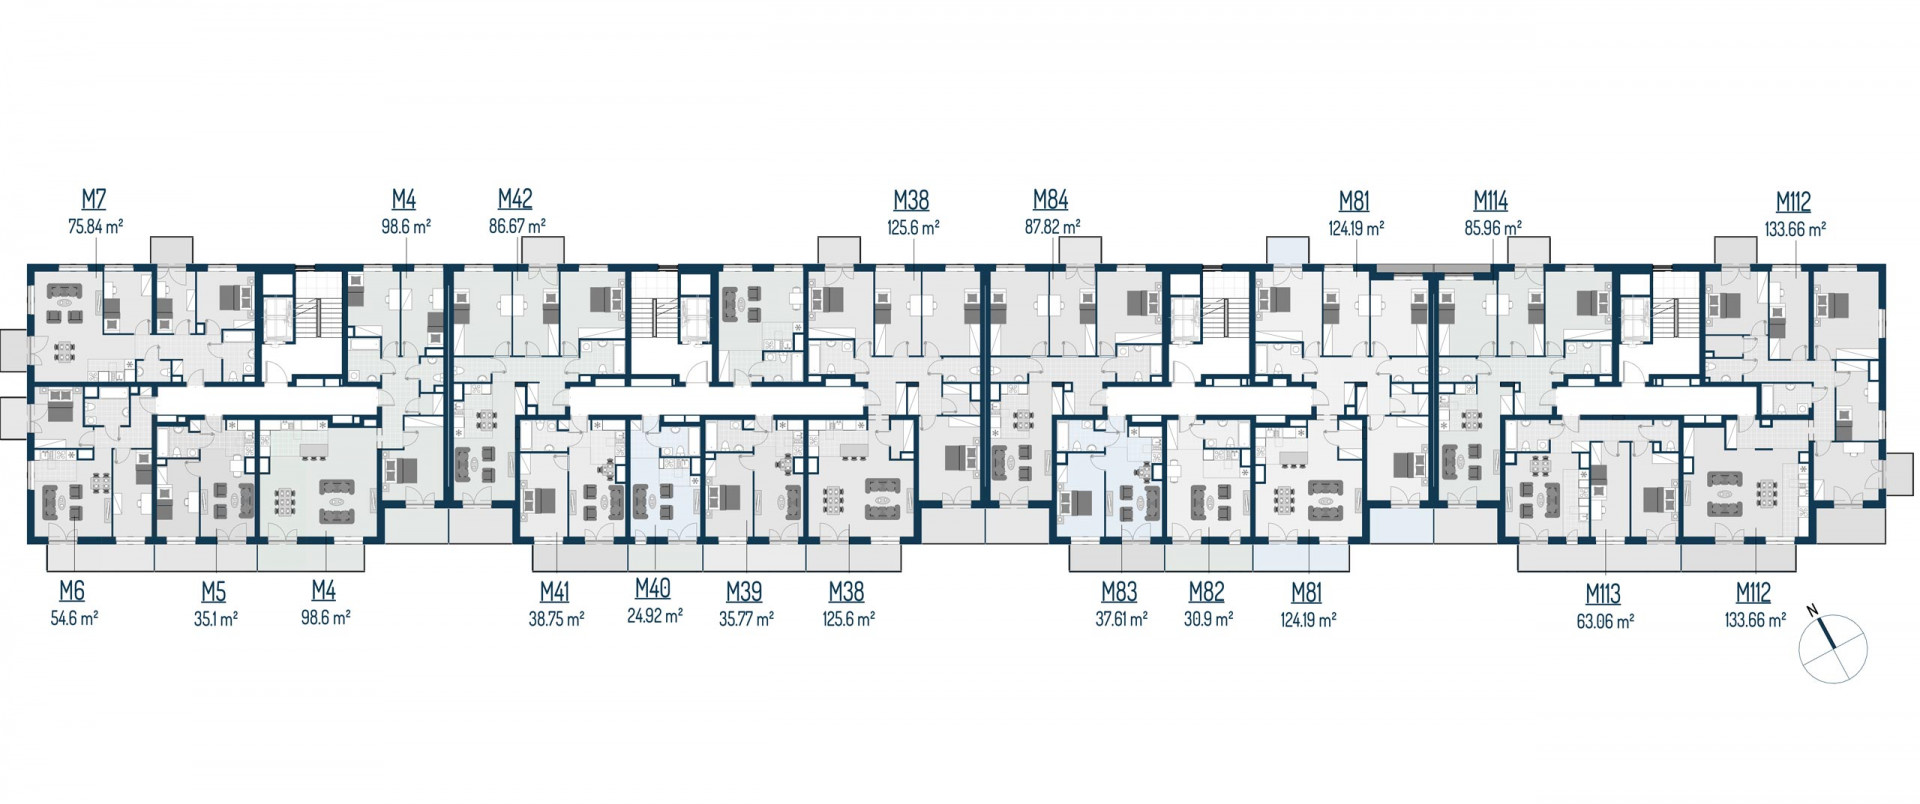 Zdrowe Stylove / budynek 2 / mieszkanie nr 4 rzut 2